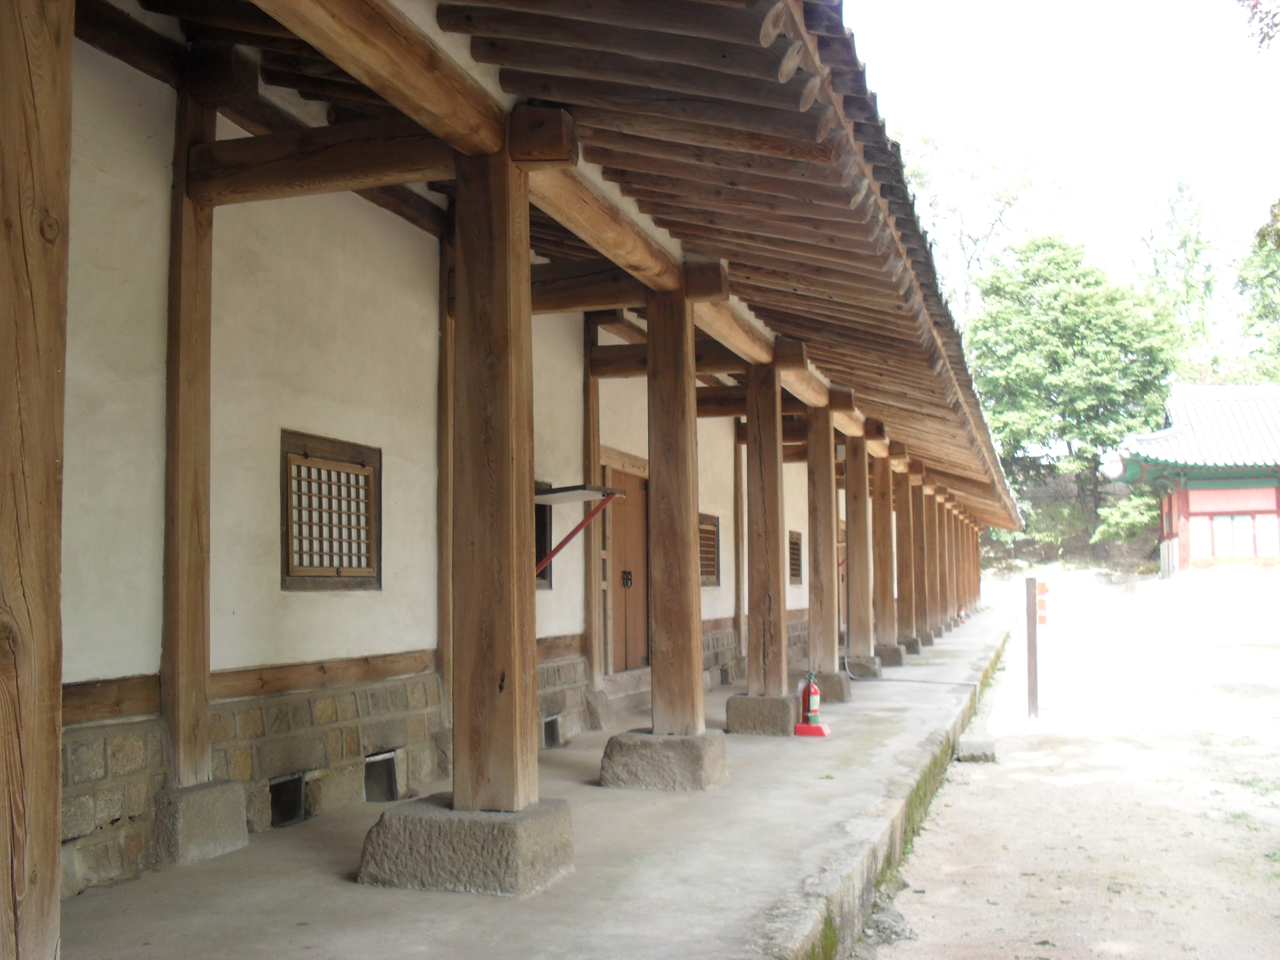 서울시 종로구에 있는 성균관 기숙사의 모습. 오른쪽은 강의실인 명륜당.